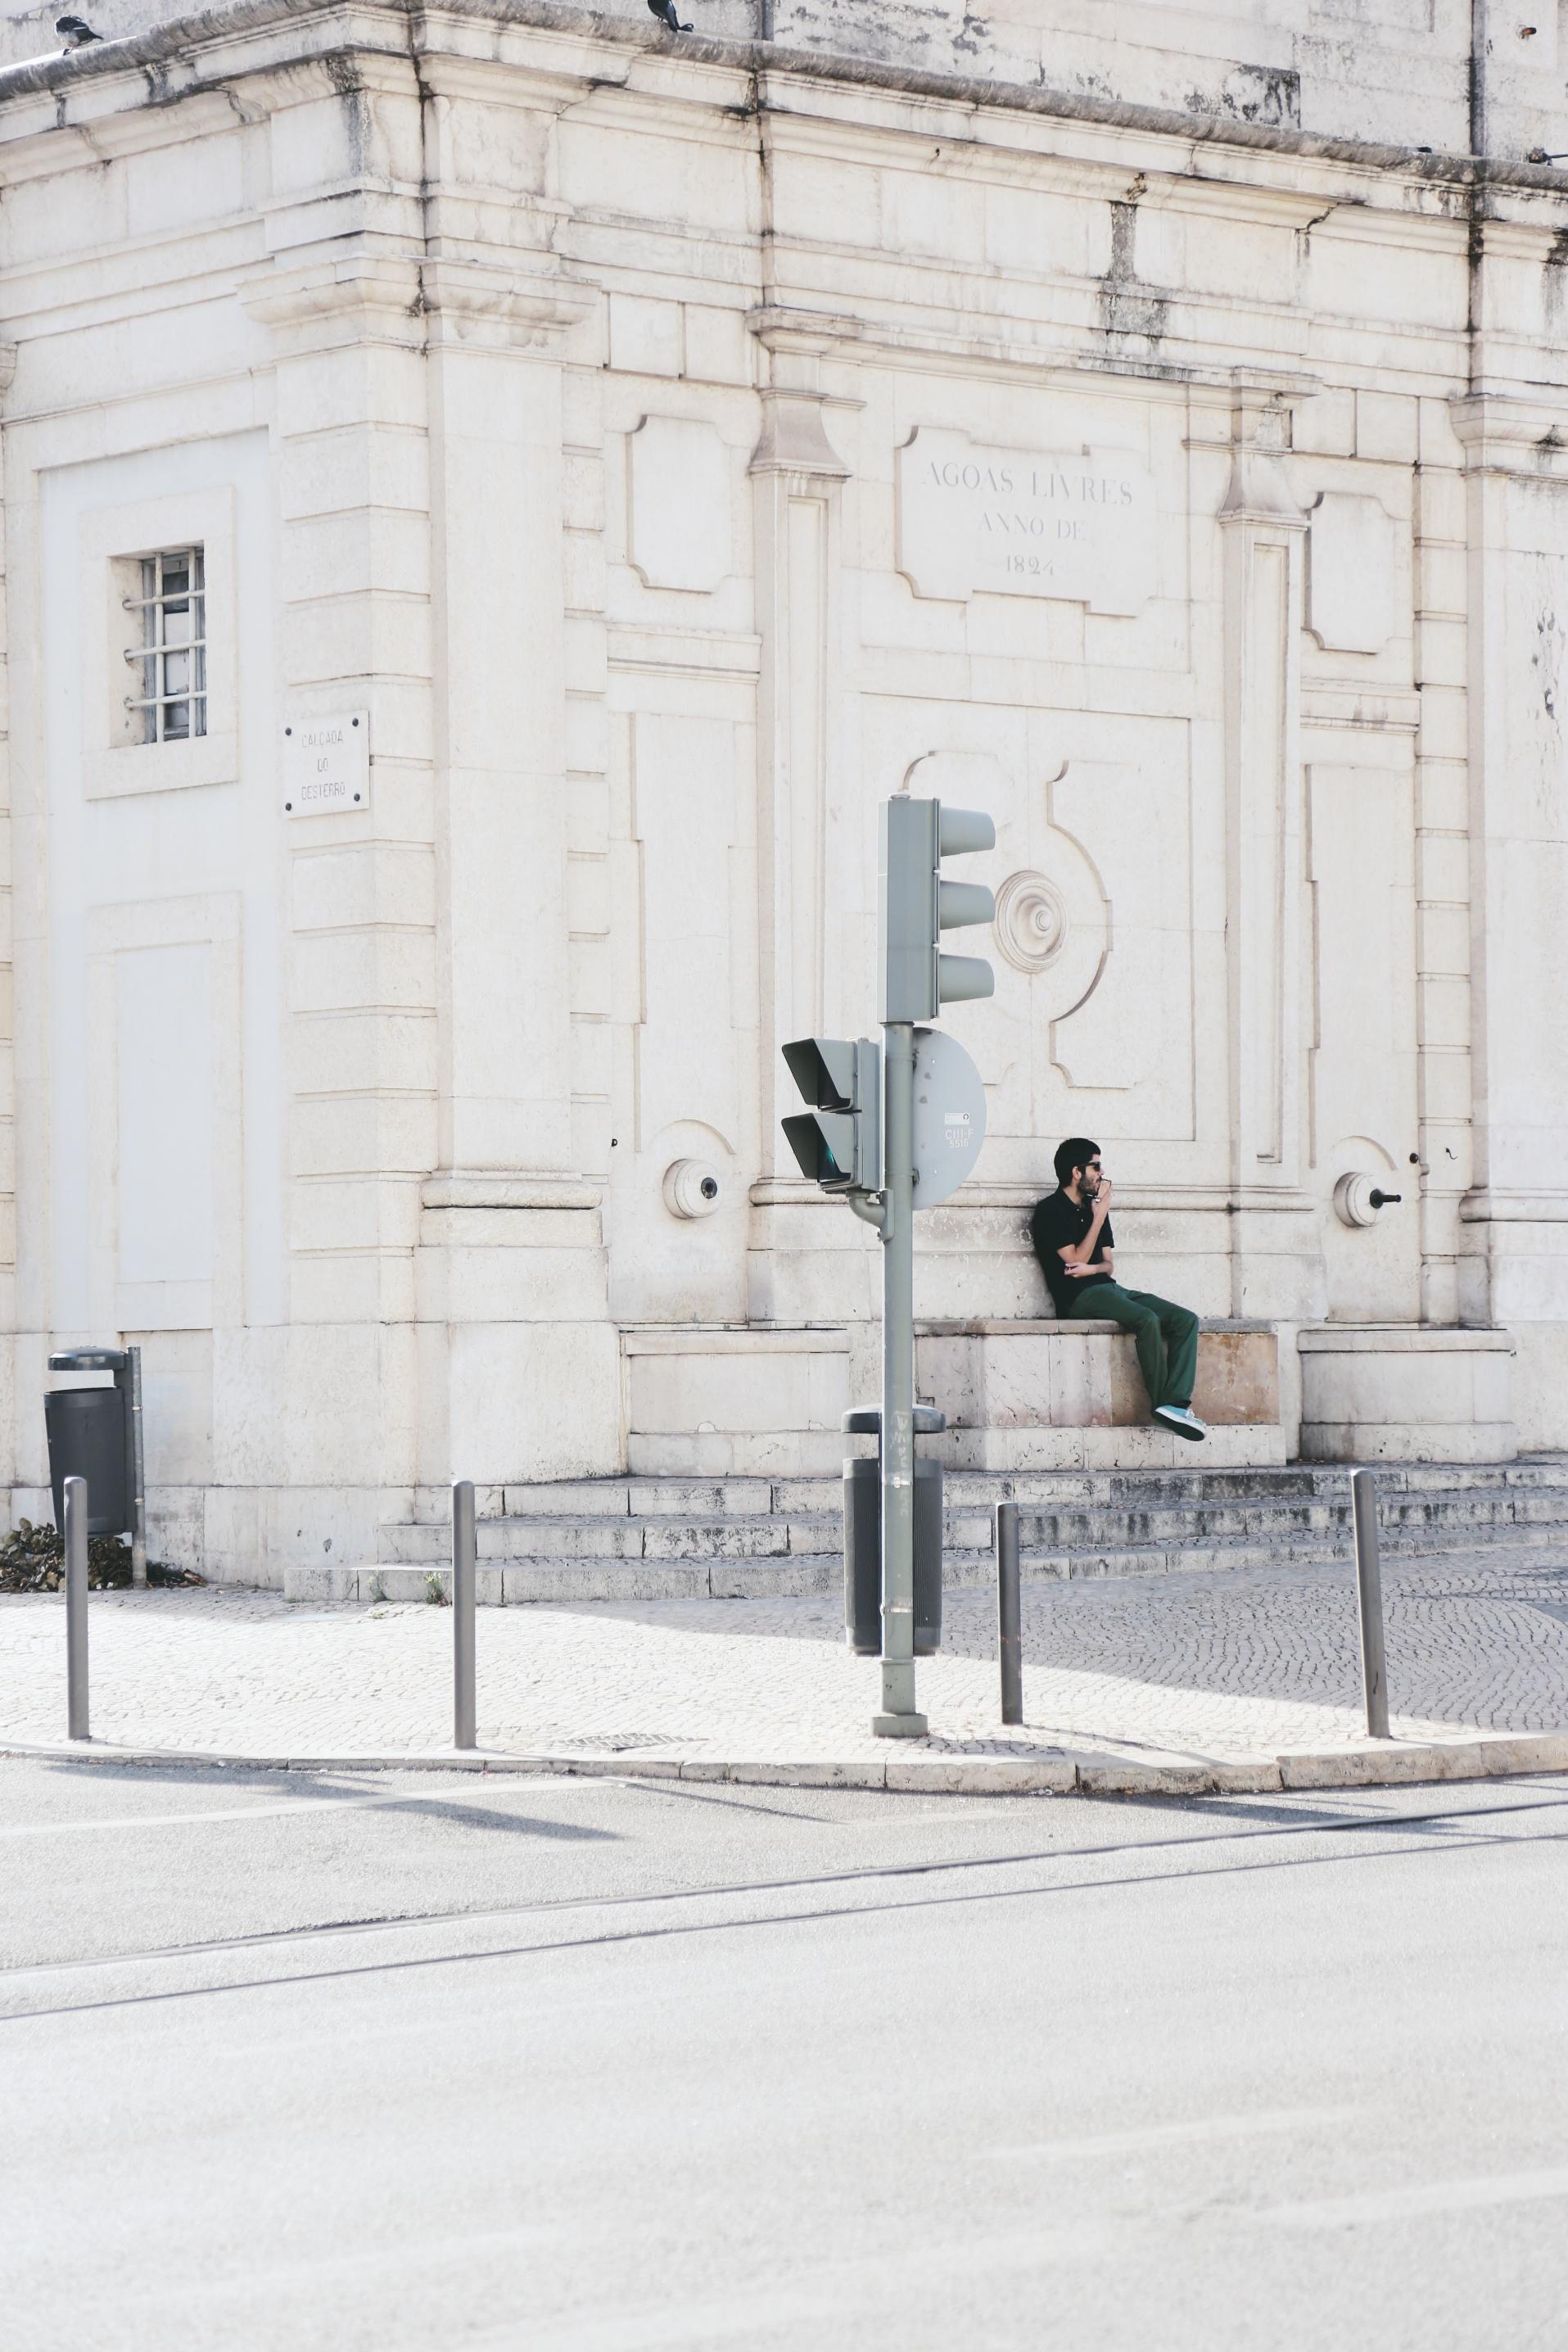 travel lisbon, lisbon city guide, lisbon hotspots, lisbon